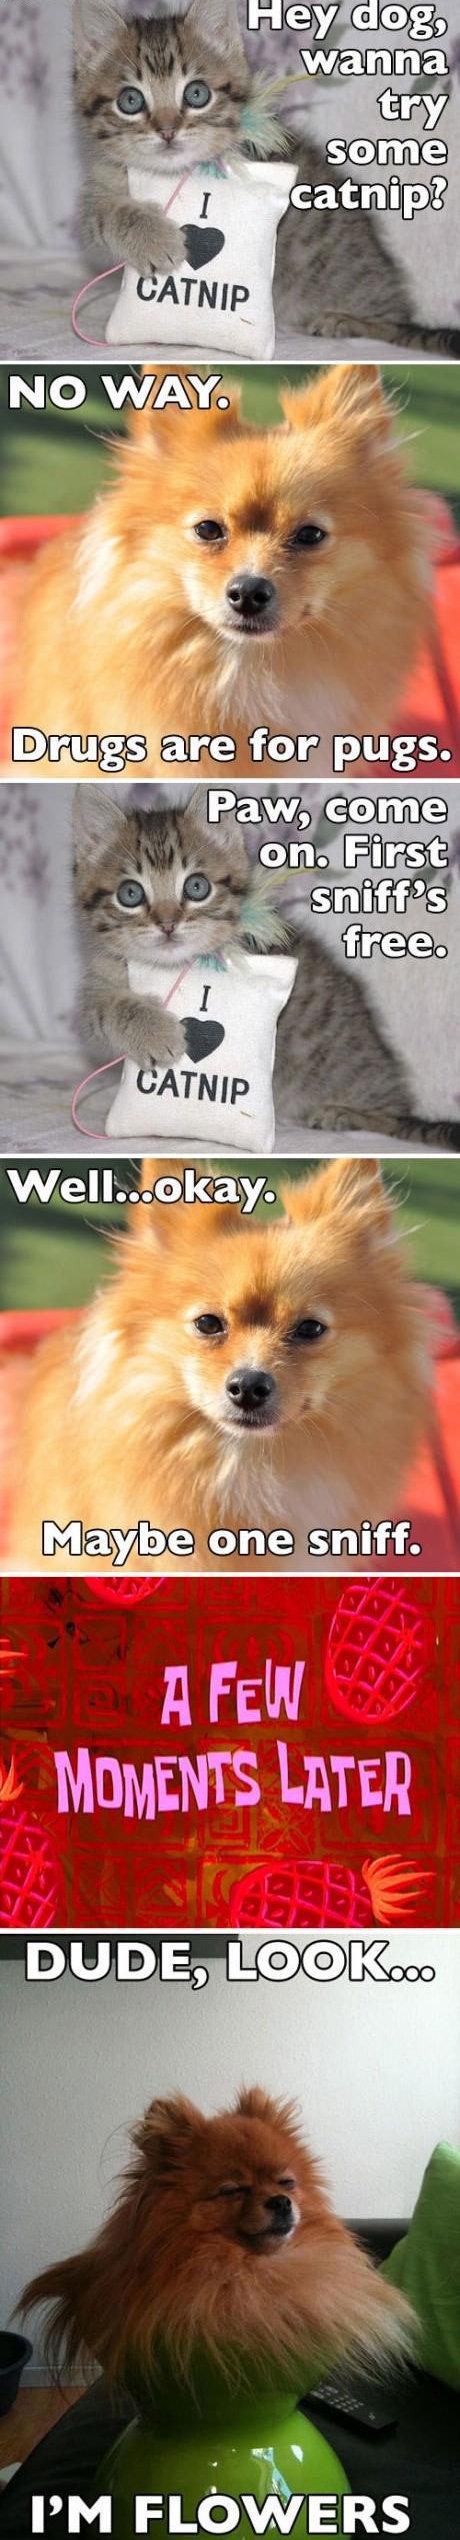 psst ... want some catnip?. . idioti.. e fotrih gs. Plfa« aome A FEW psst want some catnip? idioti e fotrih gs Plfa« aome A FEW